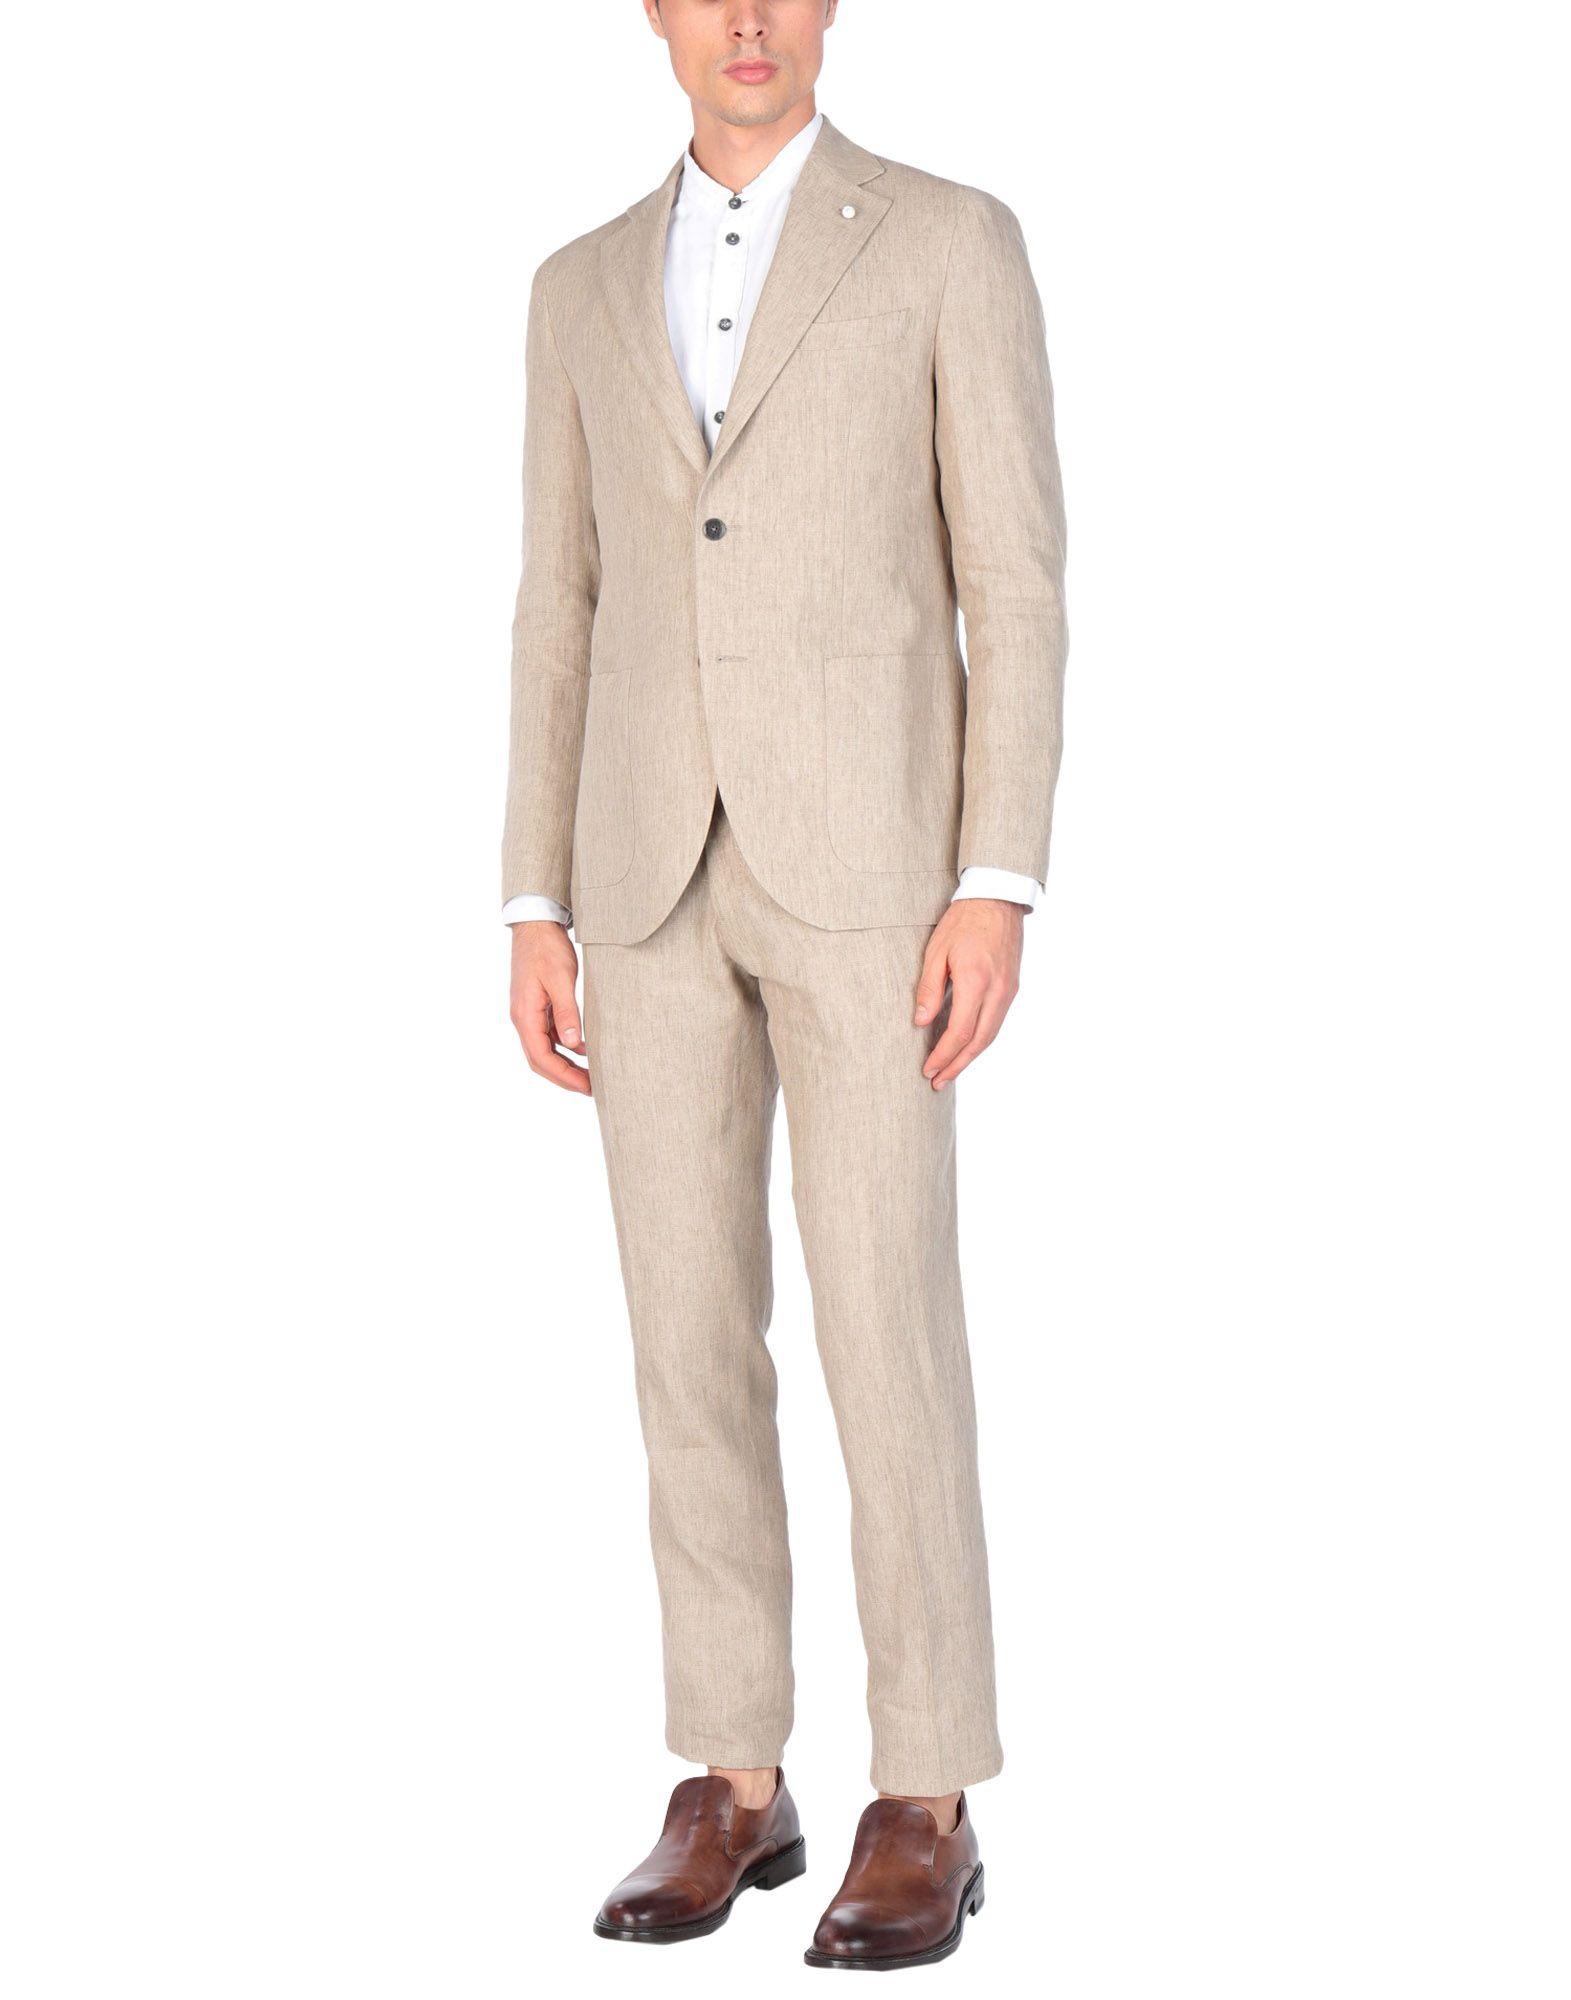 《送料無料》LUIGI BIANCHI Mantova メンズ スーツ サンド 46 麻 100%